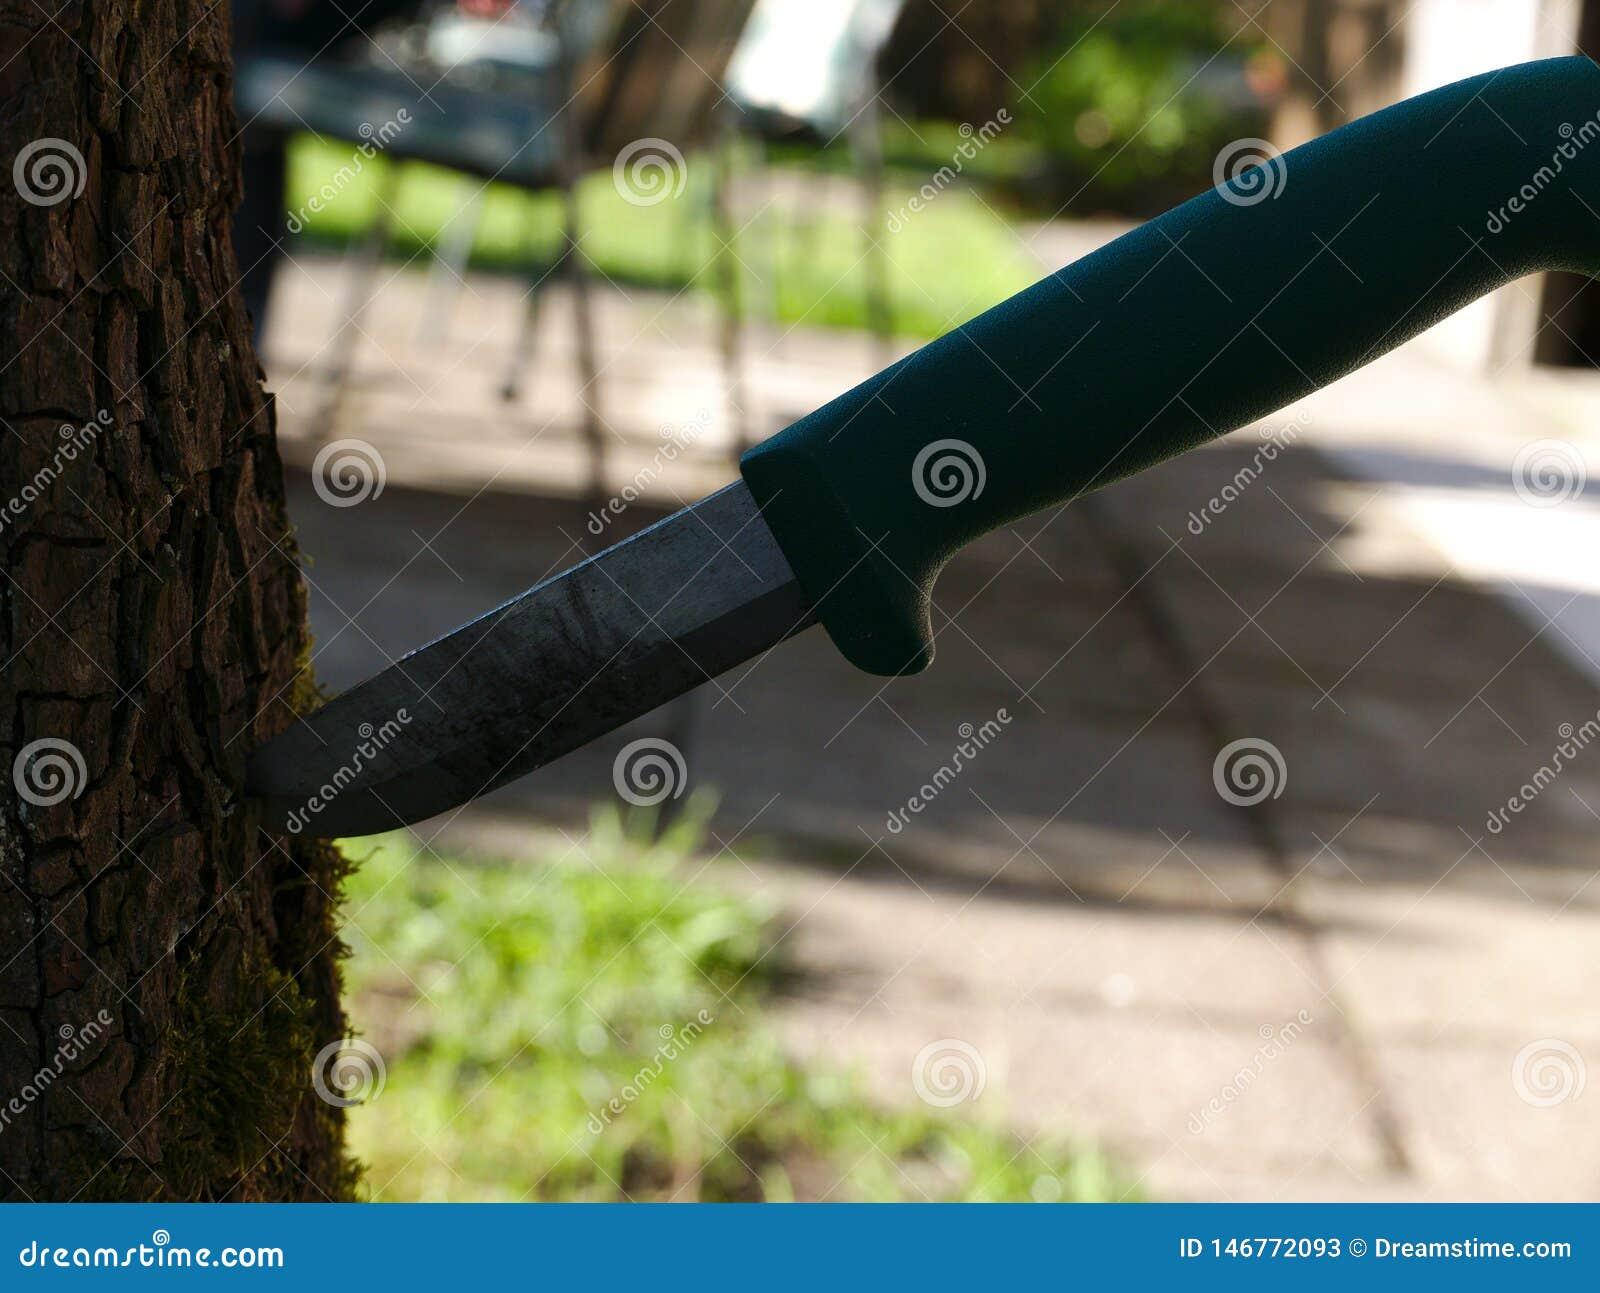 Pracujący nóż i przetrwanie jesteśmy w barkentynie drzewo